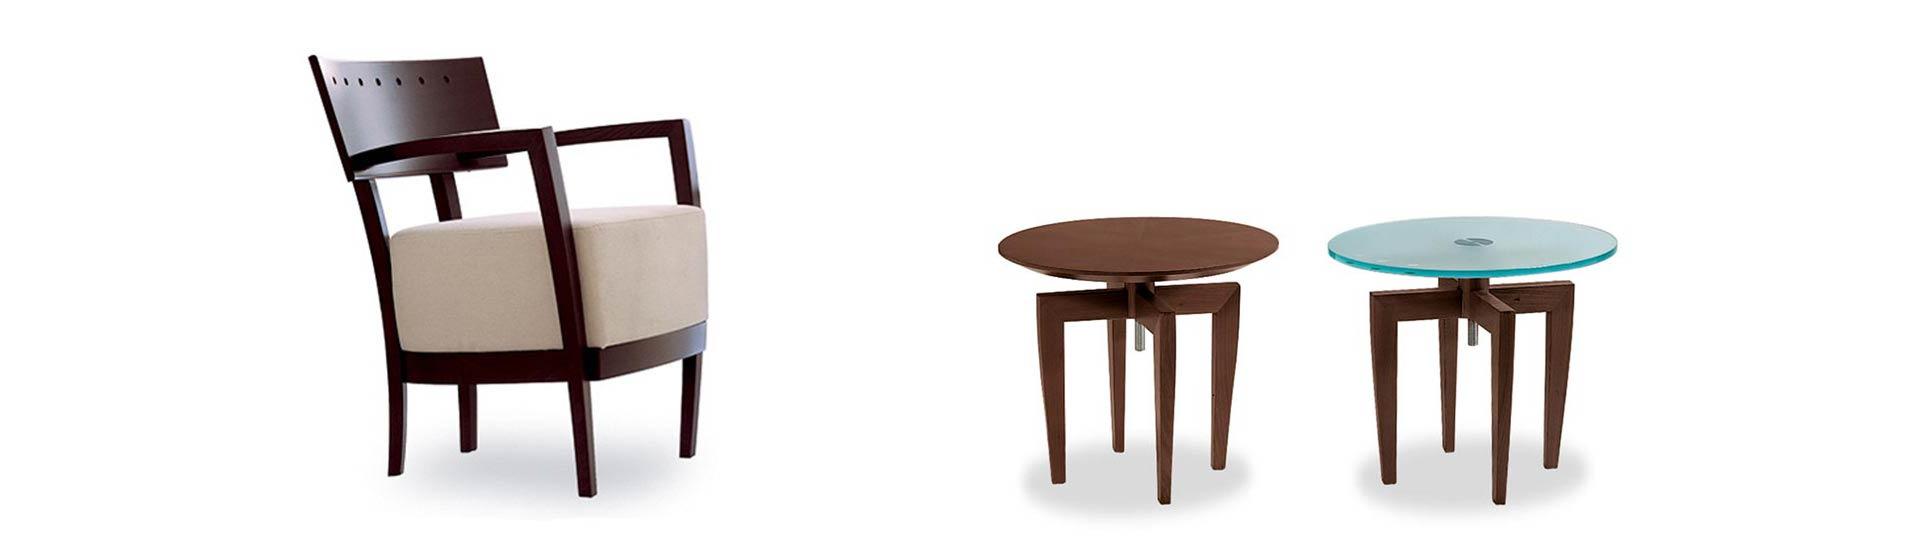 Moneypenny für Tonon   ... Möbeldesigner Gabriela Raible innenarchitektur Product Design Möbeldesign